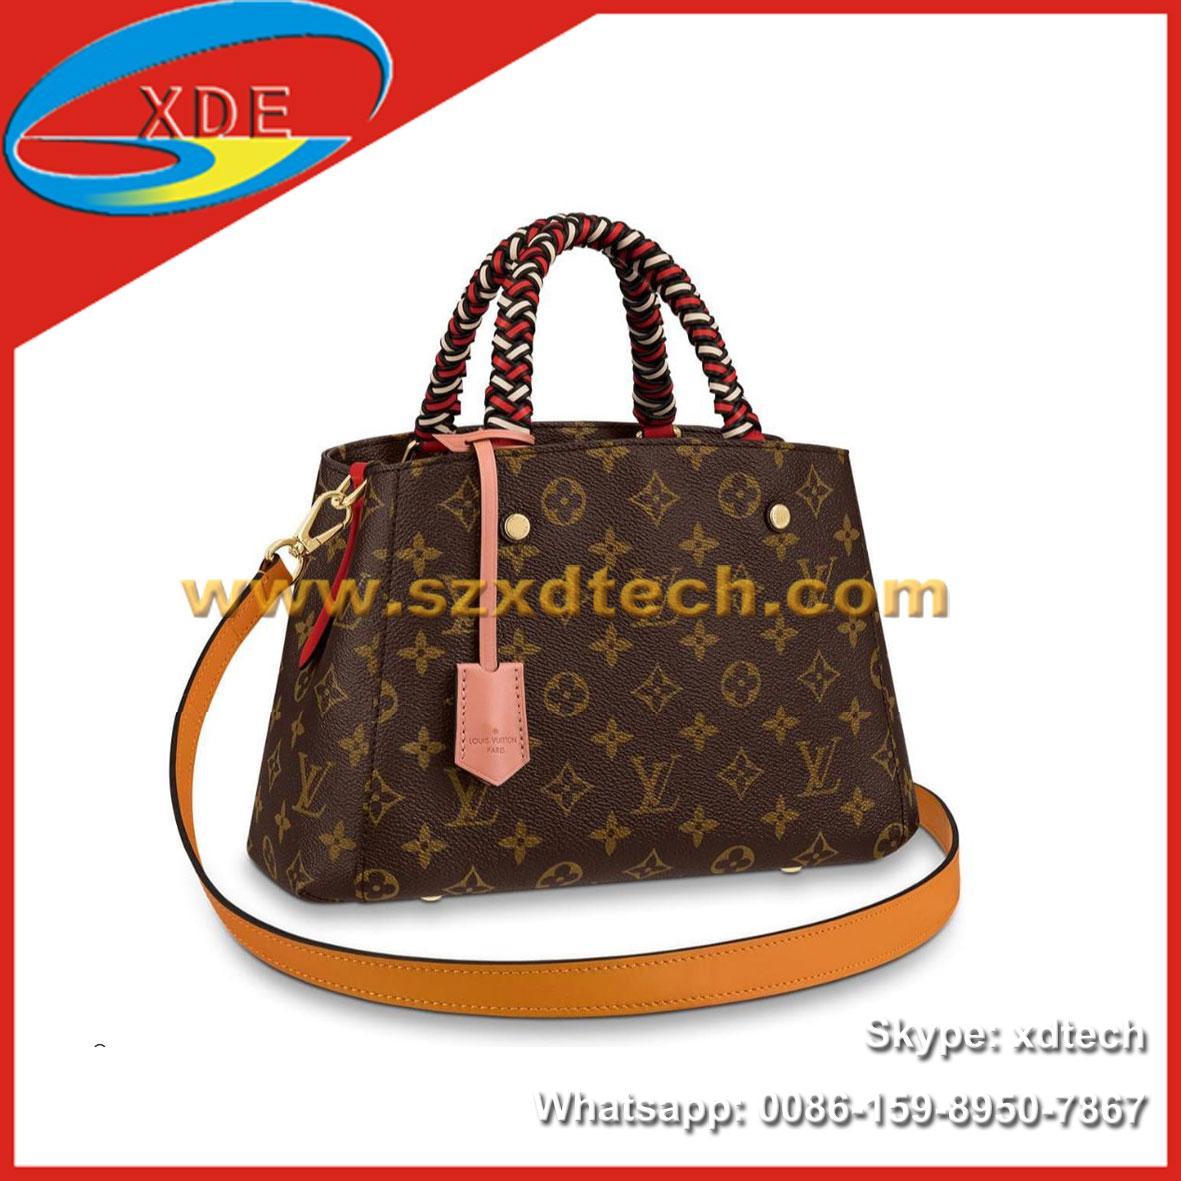 Replica Louis Vuitton Montaigne Women Bags Top Handles Louis Vuitton Totes